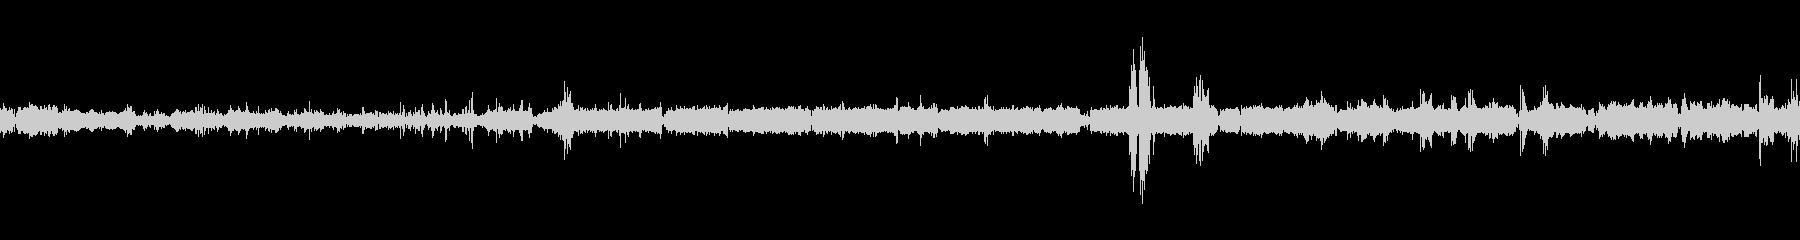 自然 トロピカルリバーワイルドライフ01の未再生の波形